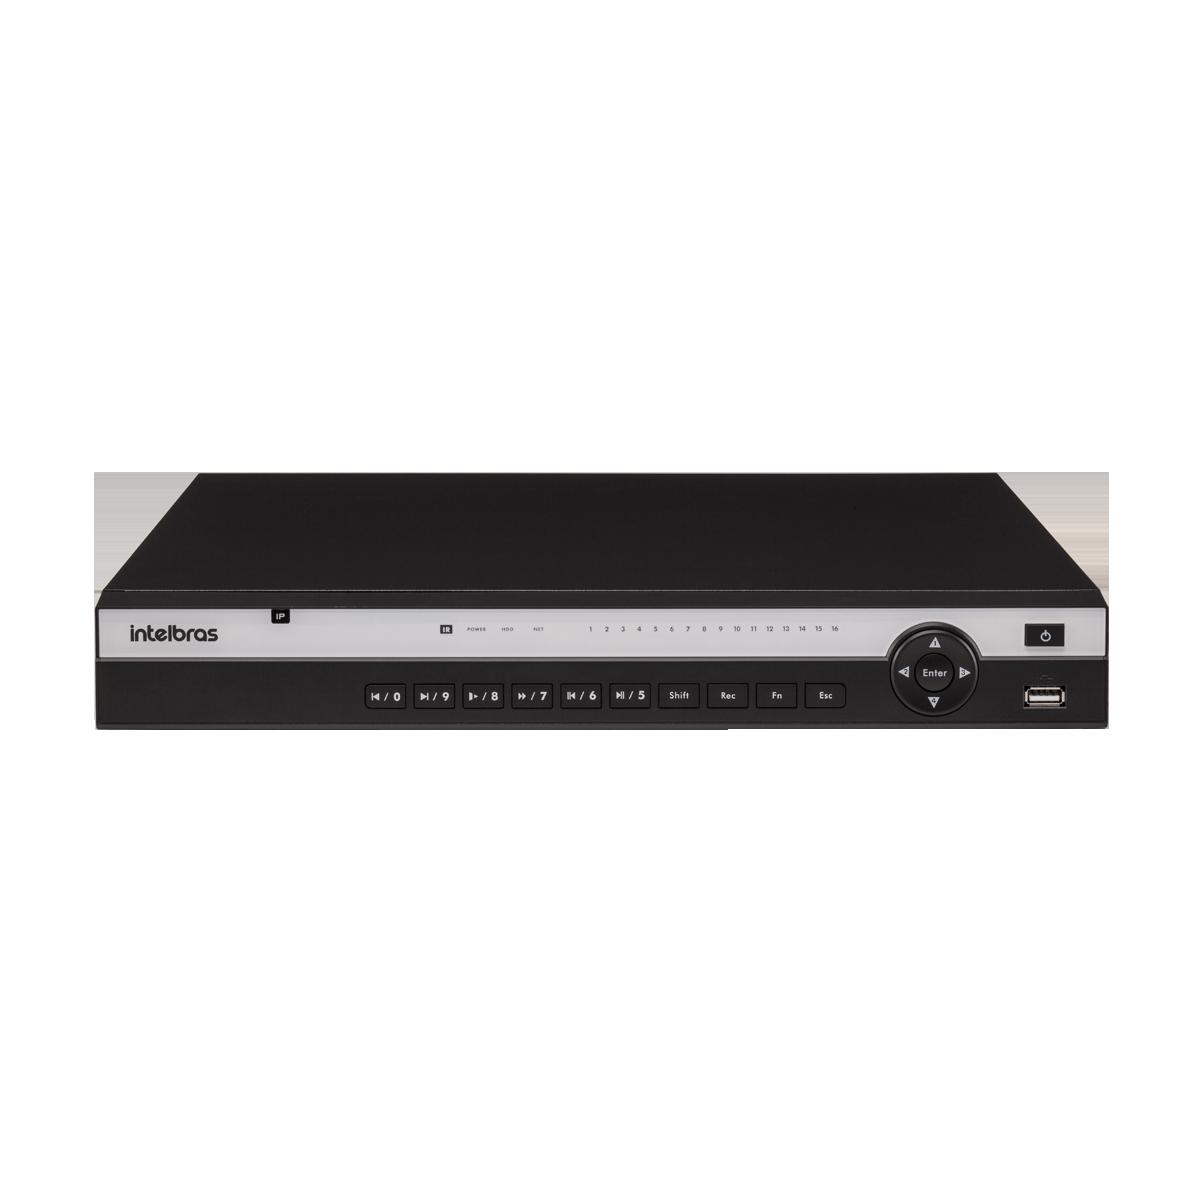 NVD 3116 P C/ HD 10TB - GRAV. DIG. DE VÍDEO EM REDE PARA ATÉ 16 CANAIS IP EM FULL HD @ 30 FPS, COM 16 PORTAS POE, INTELIGÊNCIA DE VÍDEO EM TODOS OS CANAIS, H.265, SUPORTE PARA 2HDS E SUPORTA CÂMERAS C  - Sandercomp Virtual